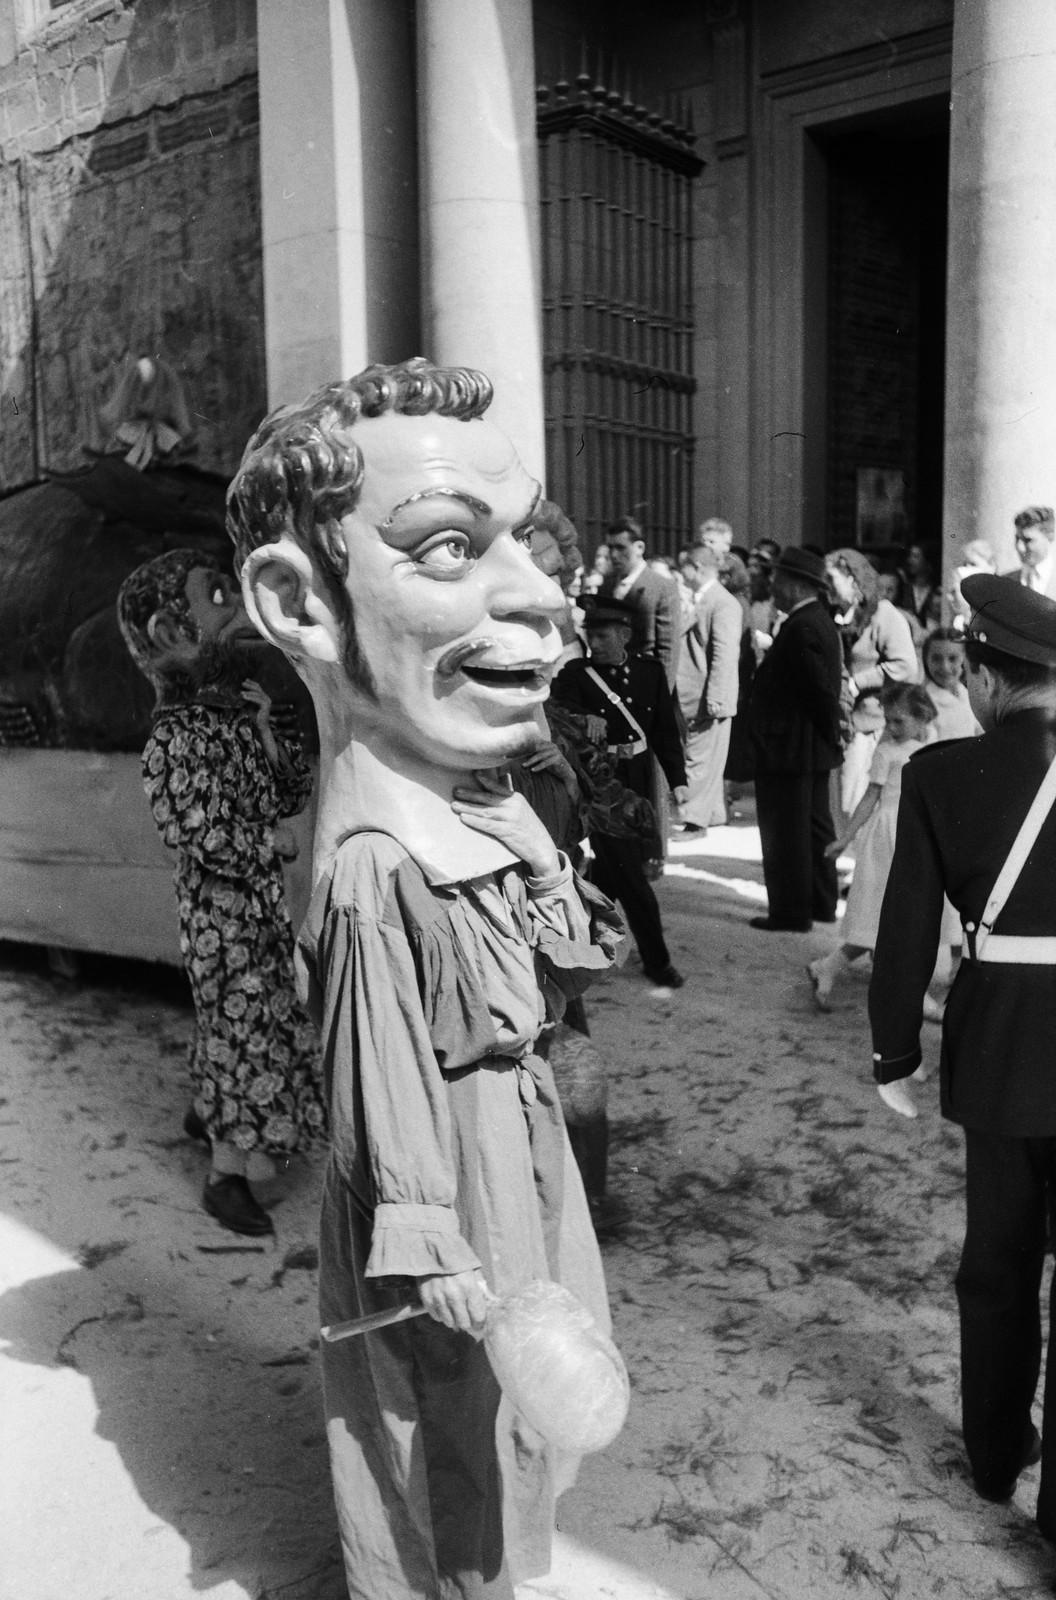 Cabezudo con la cara de Cantinflas en las fiestas del Corpus Christi de Toledo en 1955 © ETH-Bibliothek Zurich